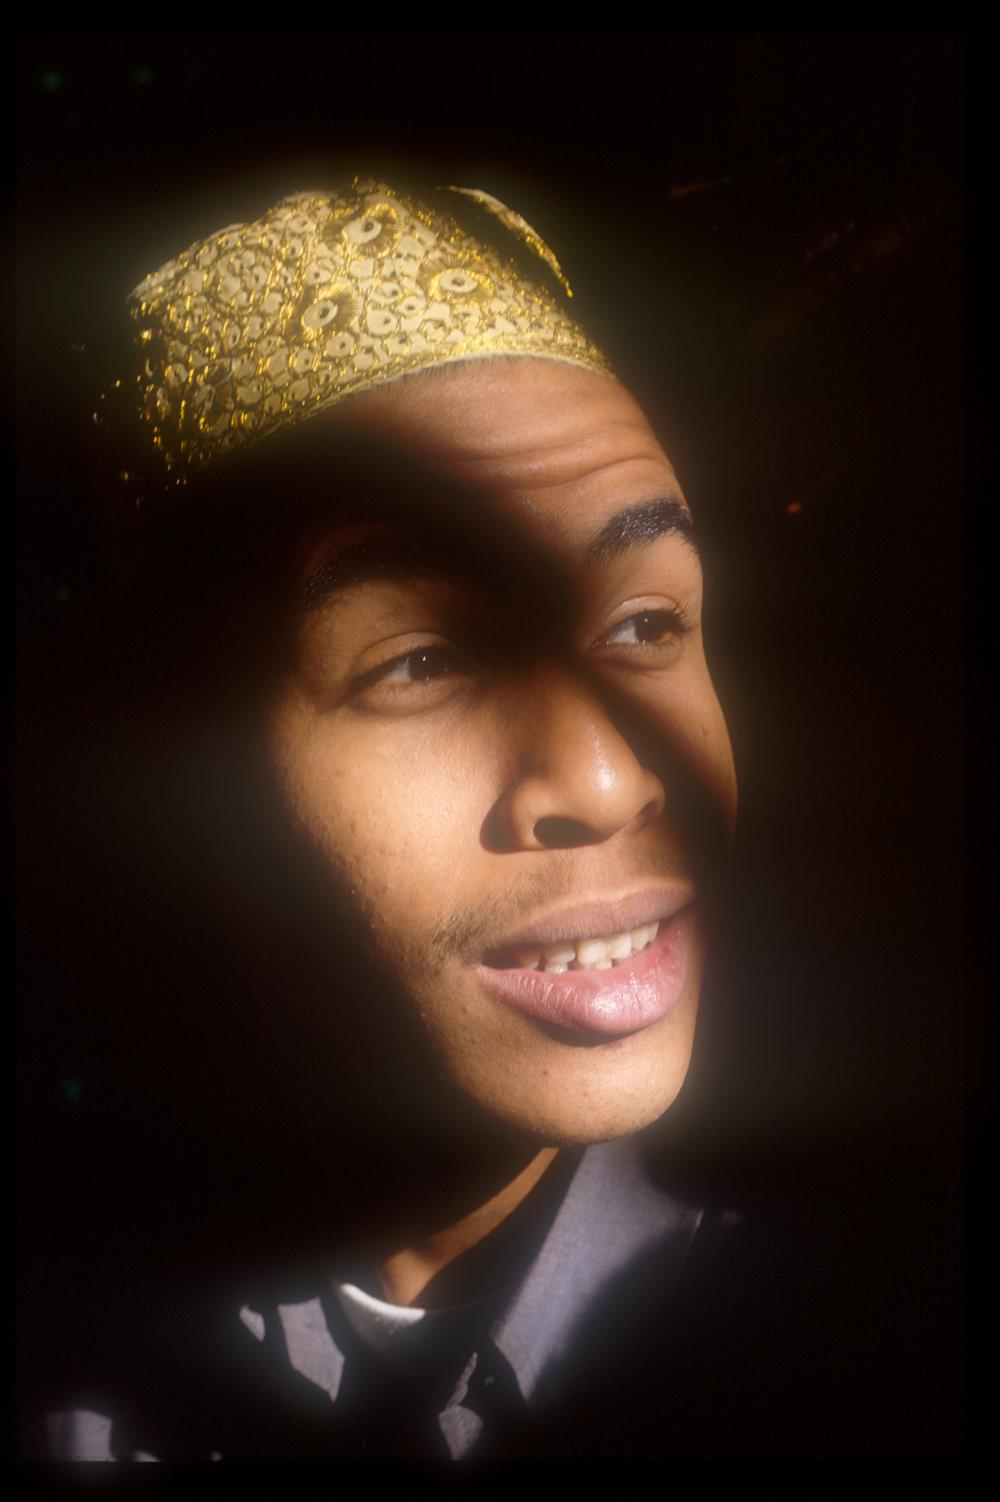 jeune homme maroc.JPG